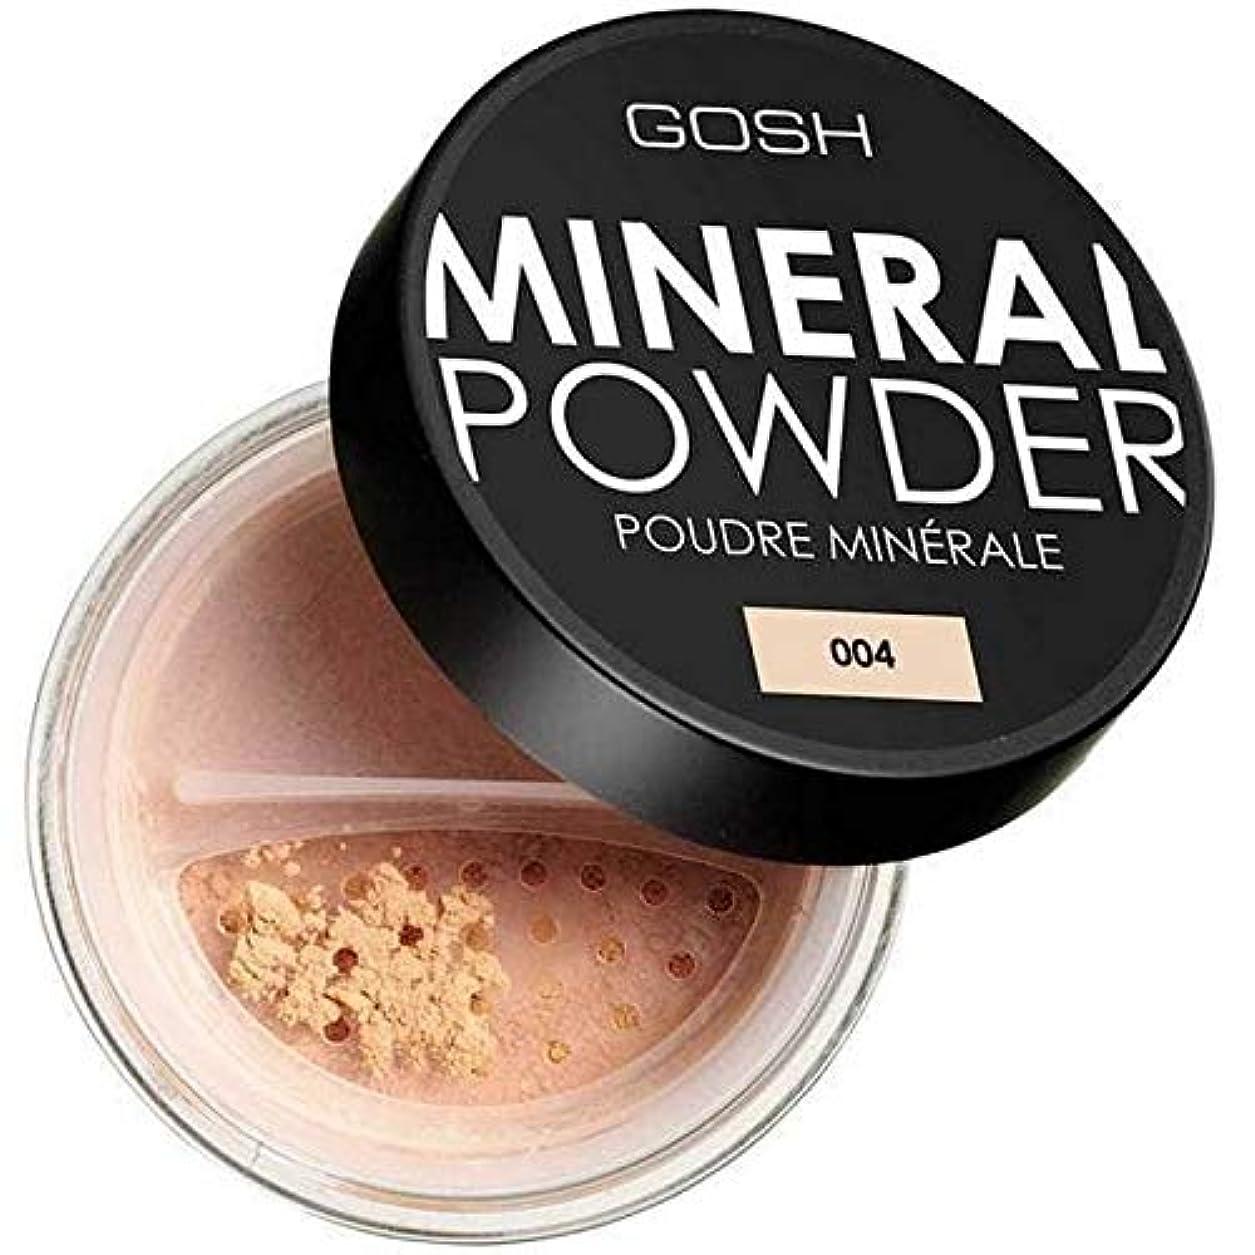 ルートストレージ抵抗力がある[GOSH ] おやっミネラルフルカバーファンデーションパウダーナチュラル004 - Gosh Mineral Full Coverage Foundation Powder Natural 004 [並行輸入品]